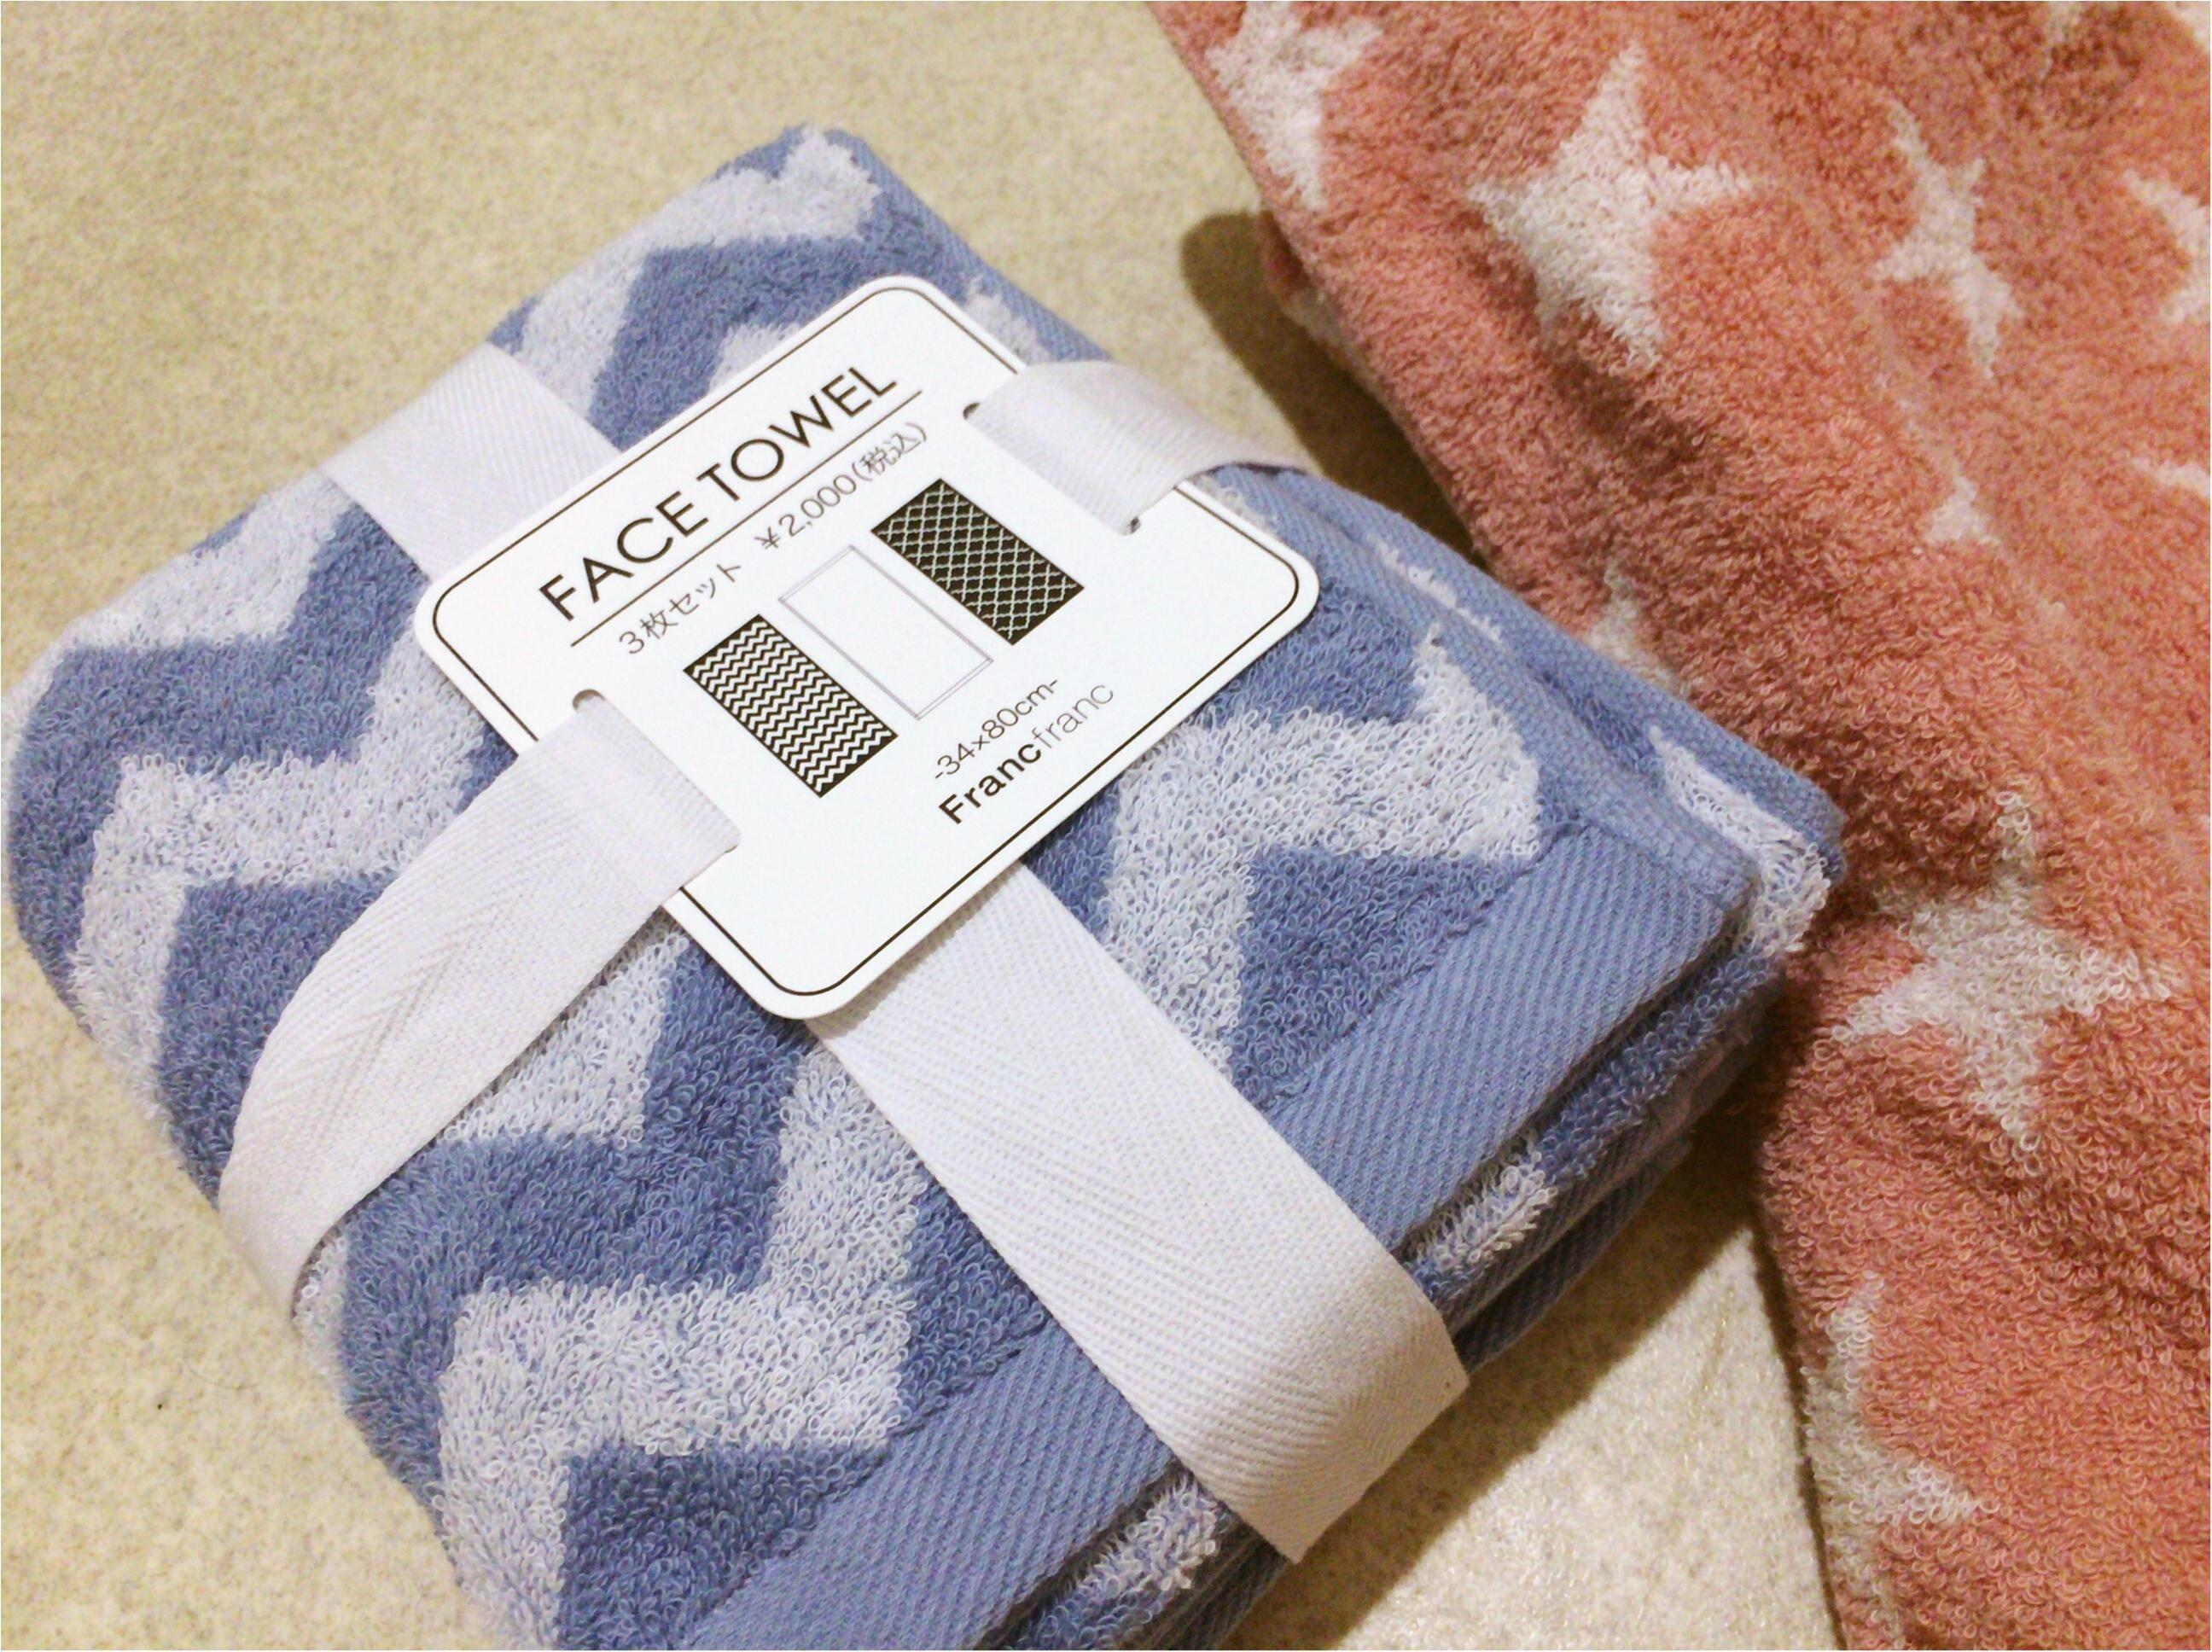 タオル半額3枚千円!【francfranc】セールで日常アイテムをお得にGETしよう♡_2